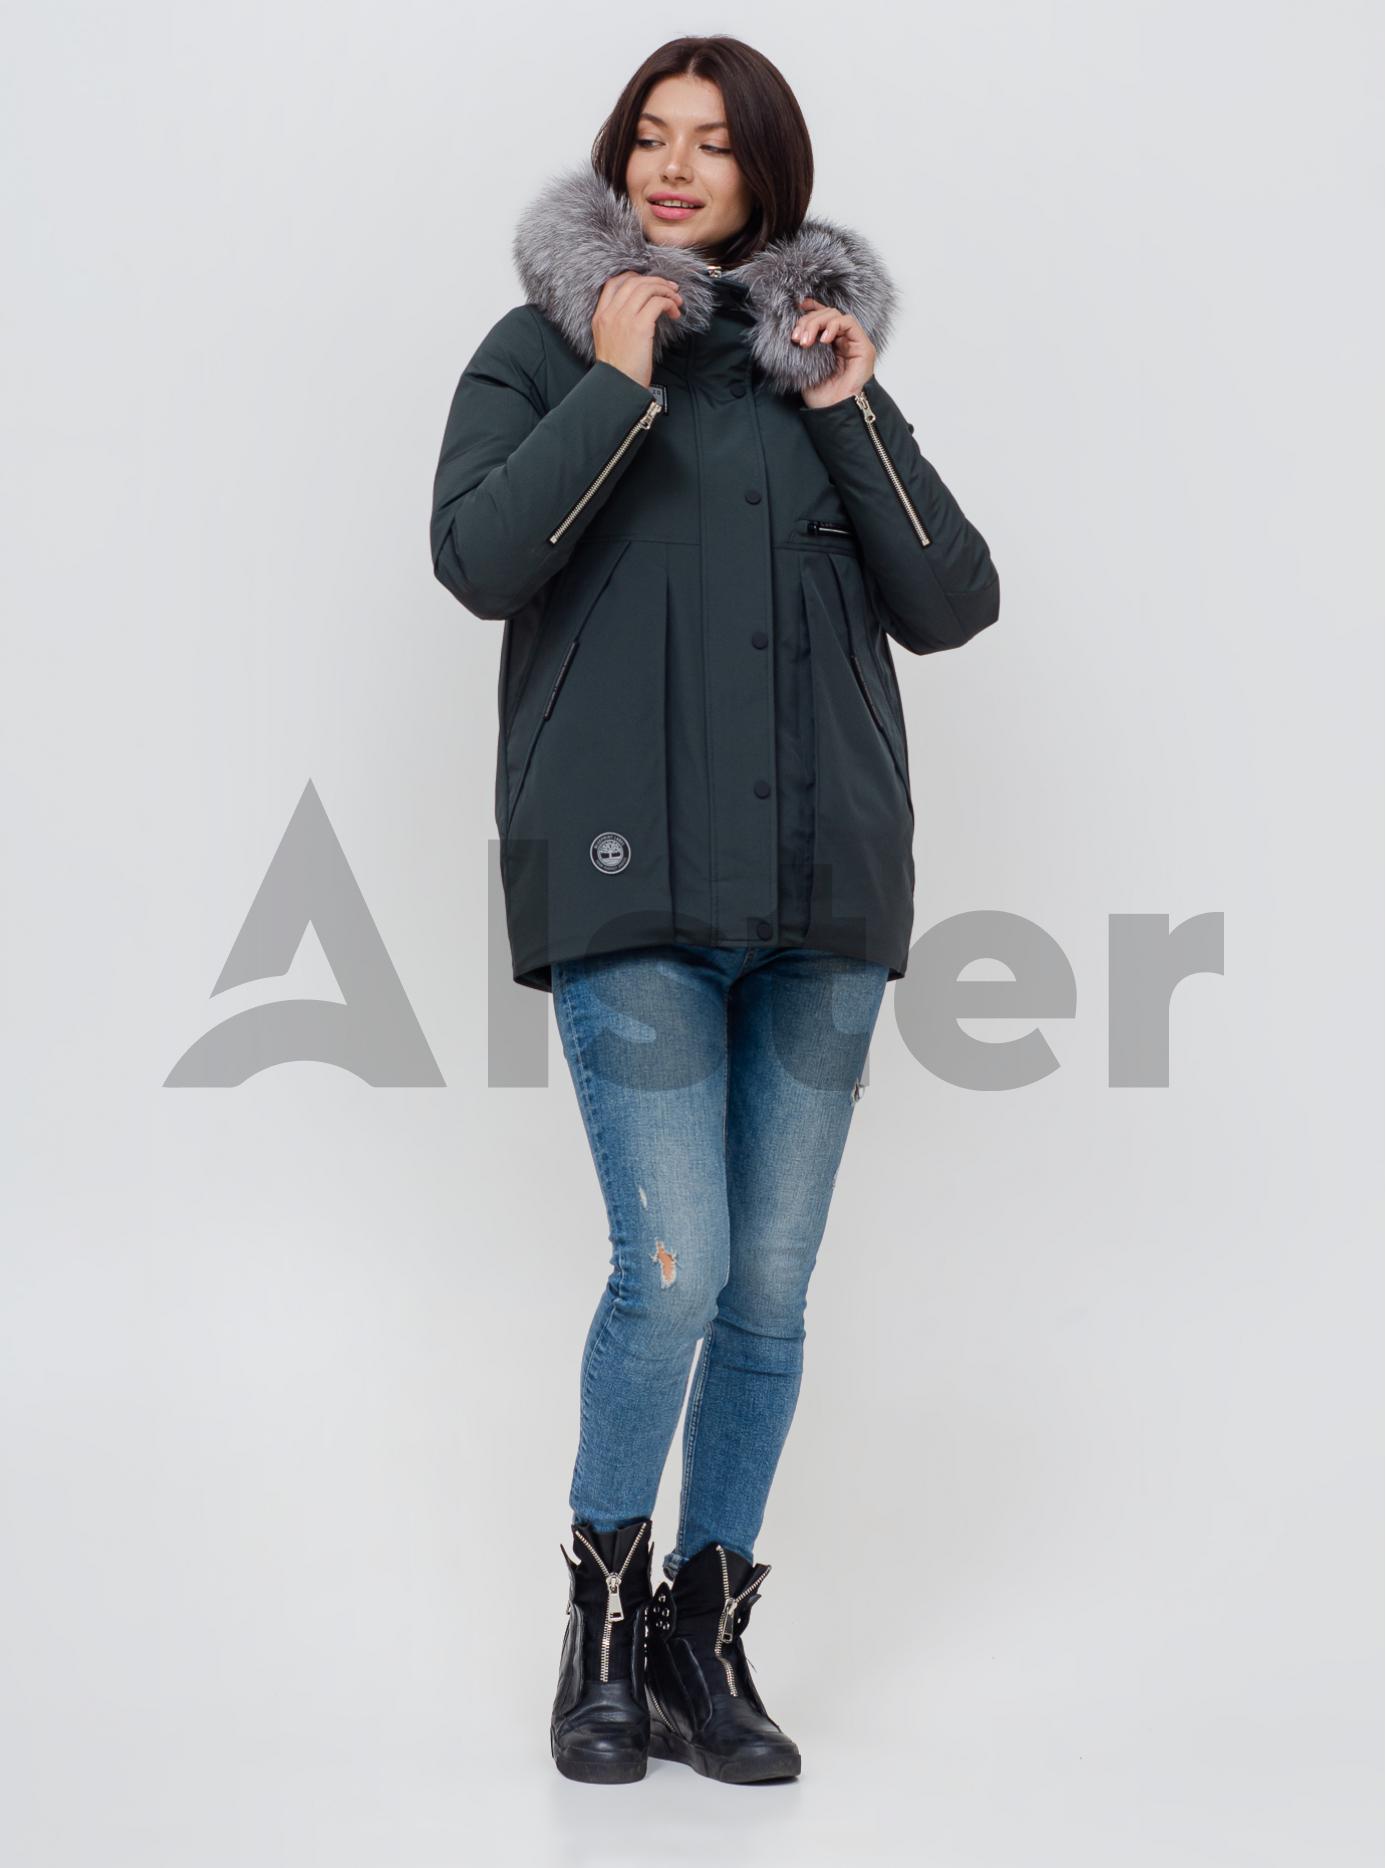 Пуховик зимовий з хутром лисиці Смарагдовий S (02-N200437): фото - Alster.ua